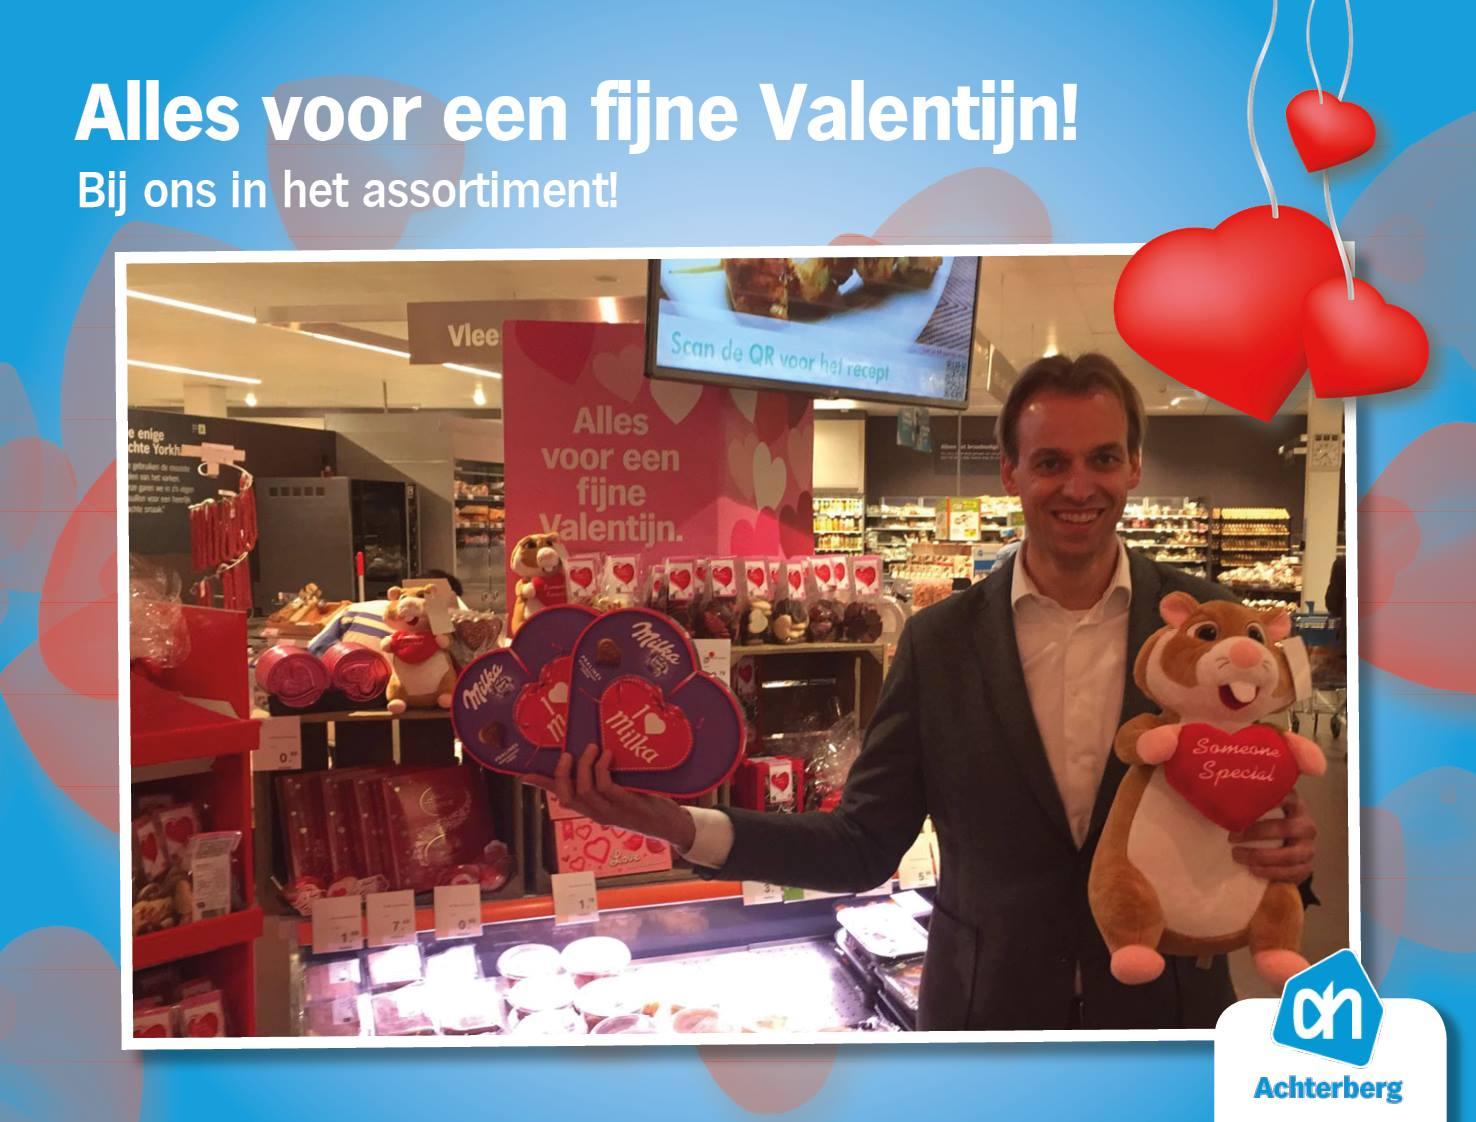 Alles voor een fijne Valentijn!